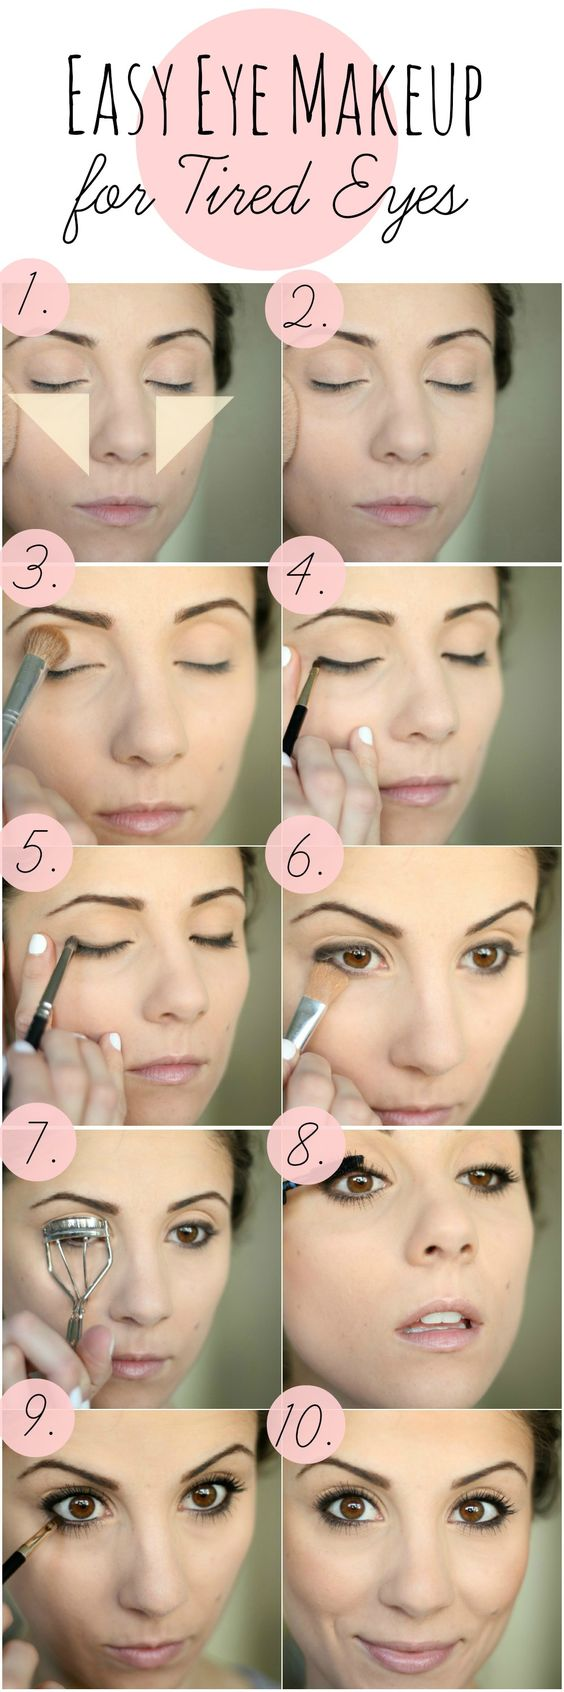 Easy Eye Makeup For Tired Eyes Lauren